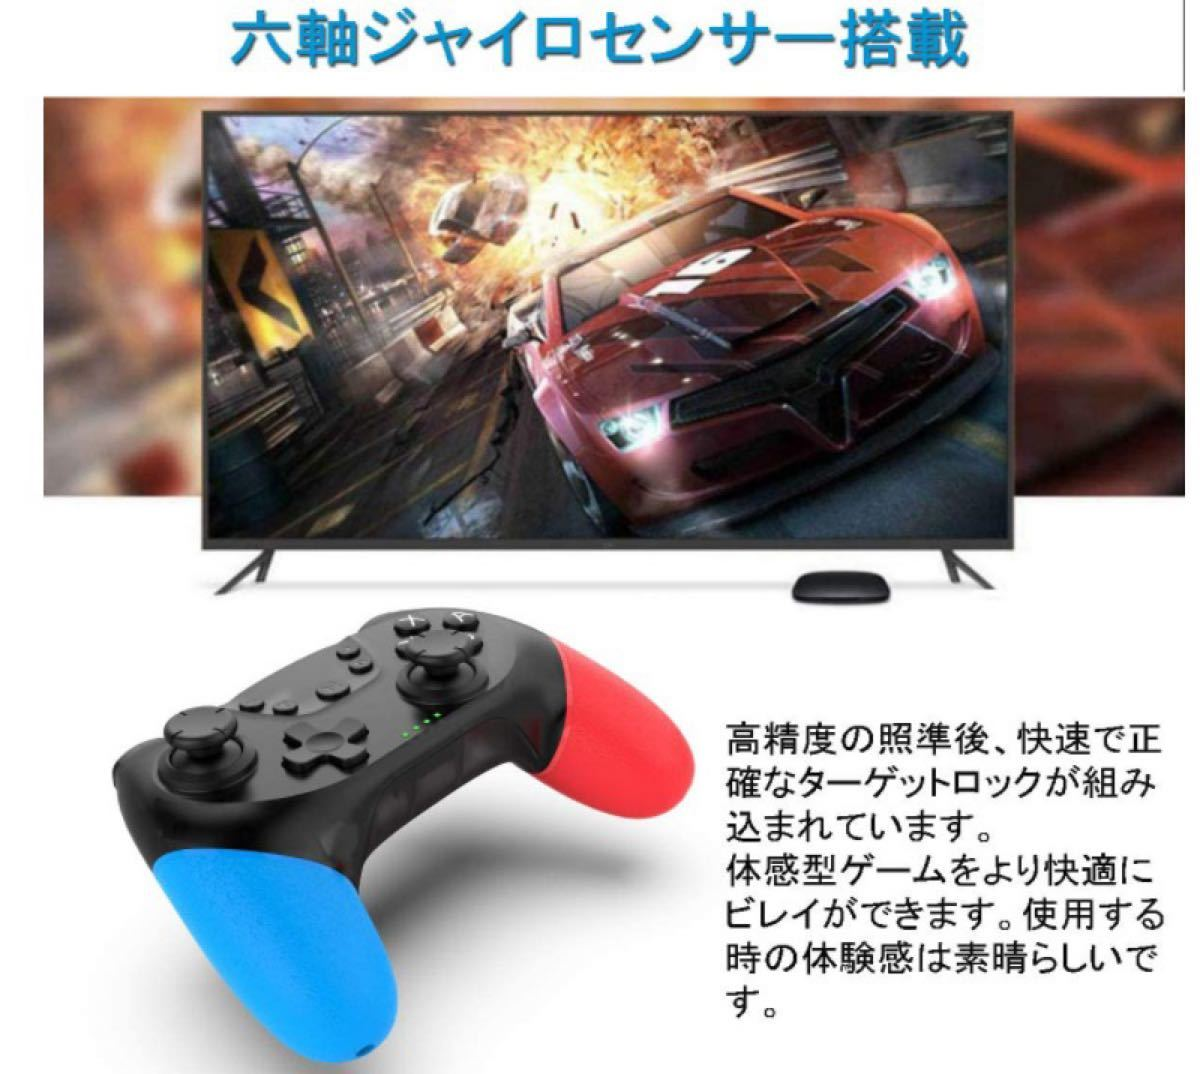 新品 Switch コントローラー ワイヤレス Bluetooth接続 Nintendo Switch ニンテンドースイッチ